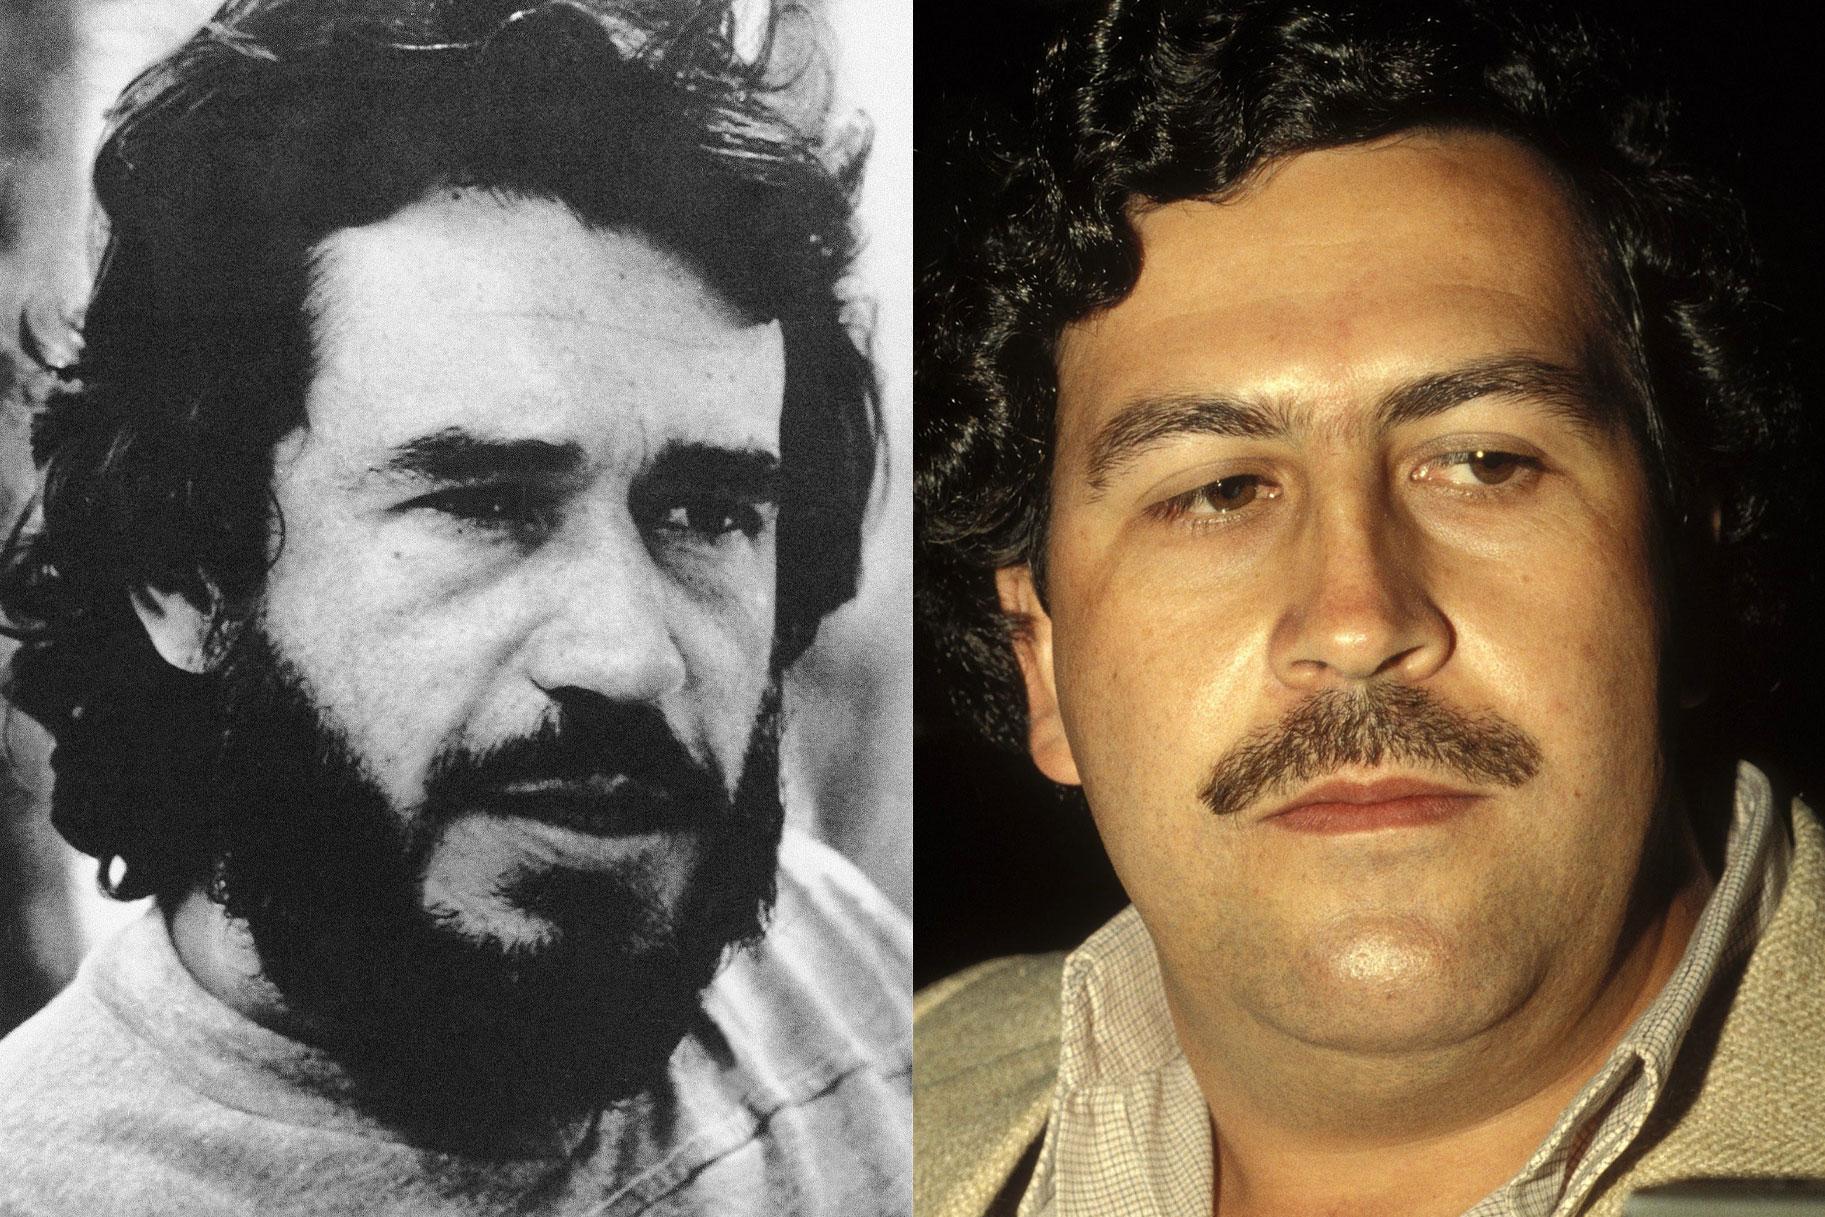 Pablo Escobars tidligere kriminelle partner og 'kokaincowboy' frigivet fra fængsel i USA, deporteret til Tyskland